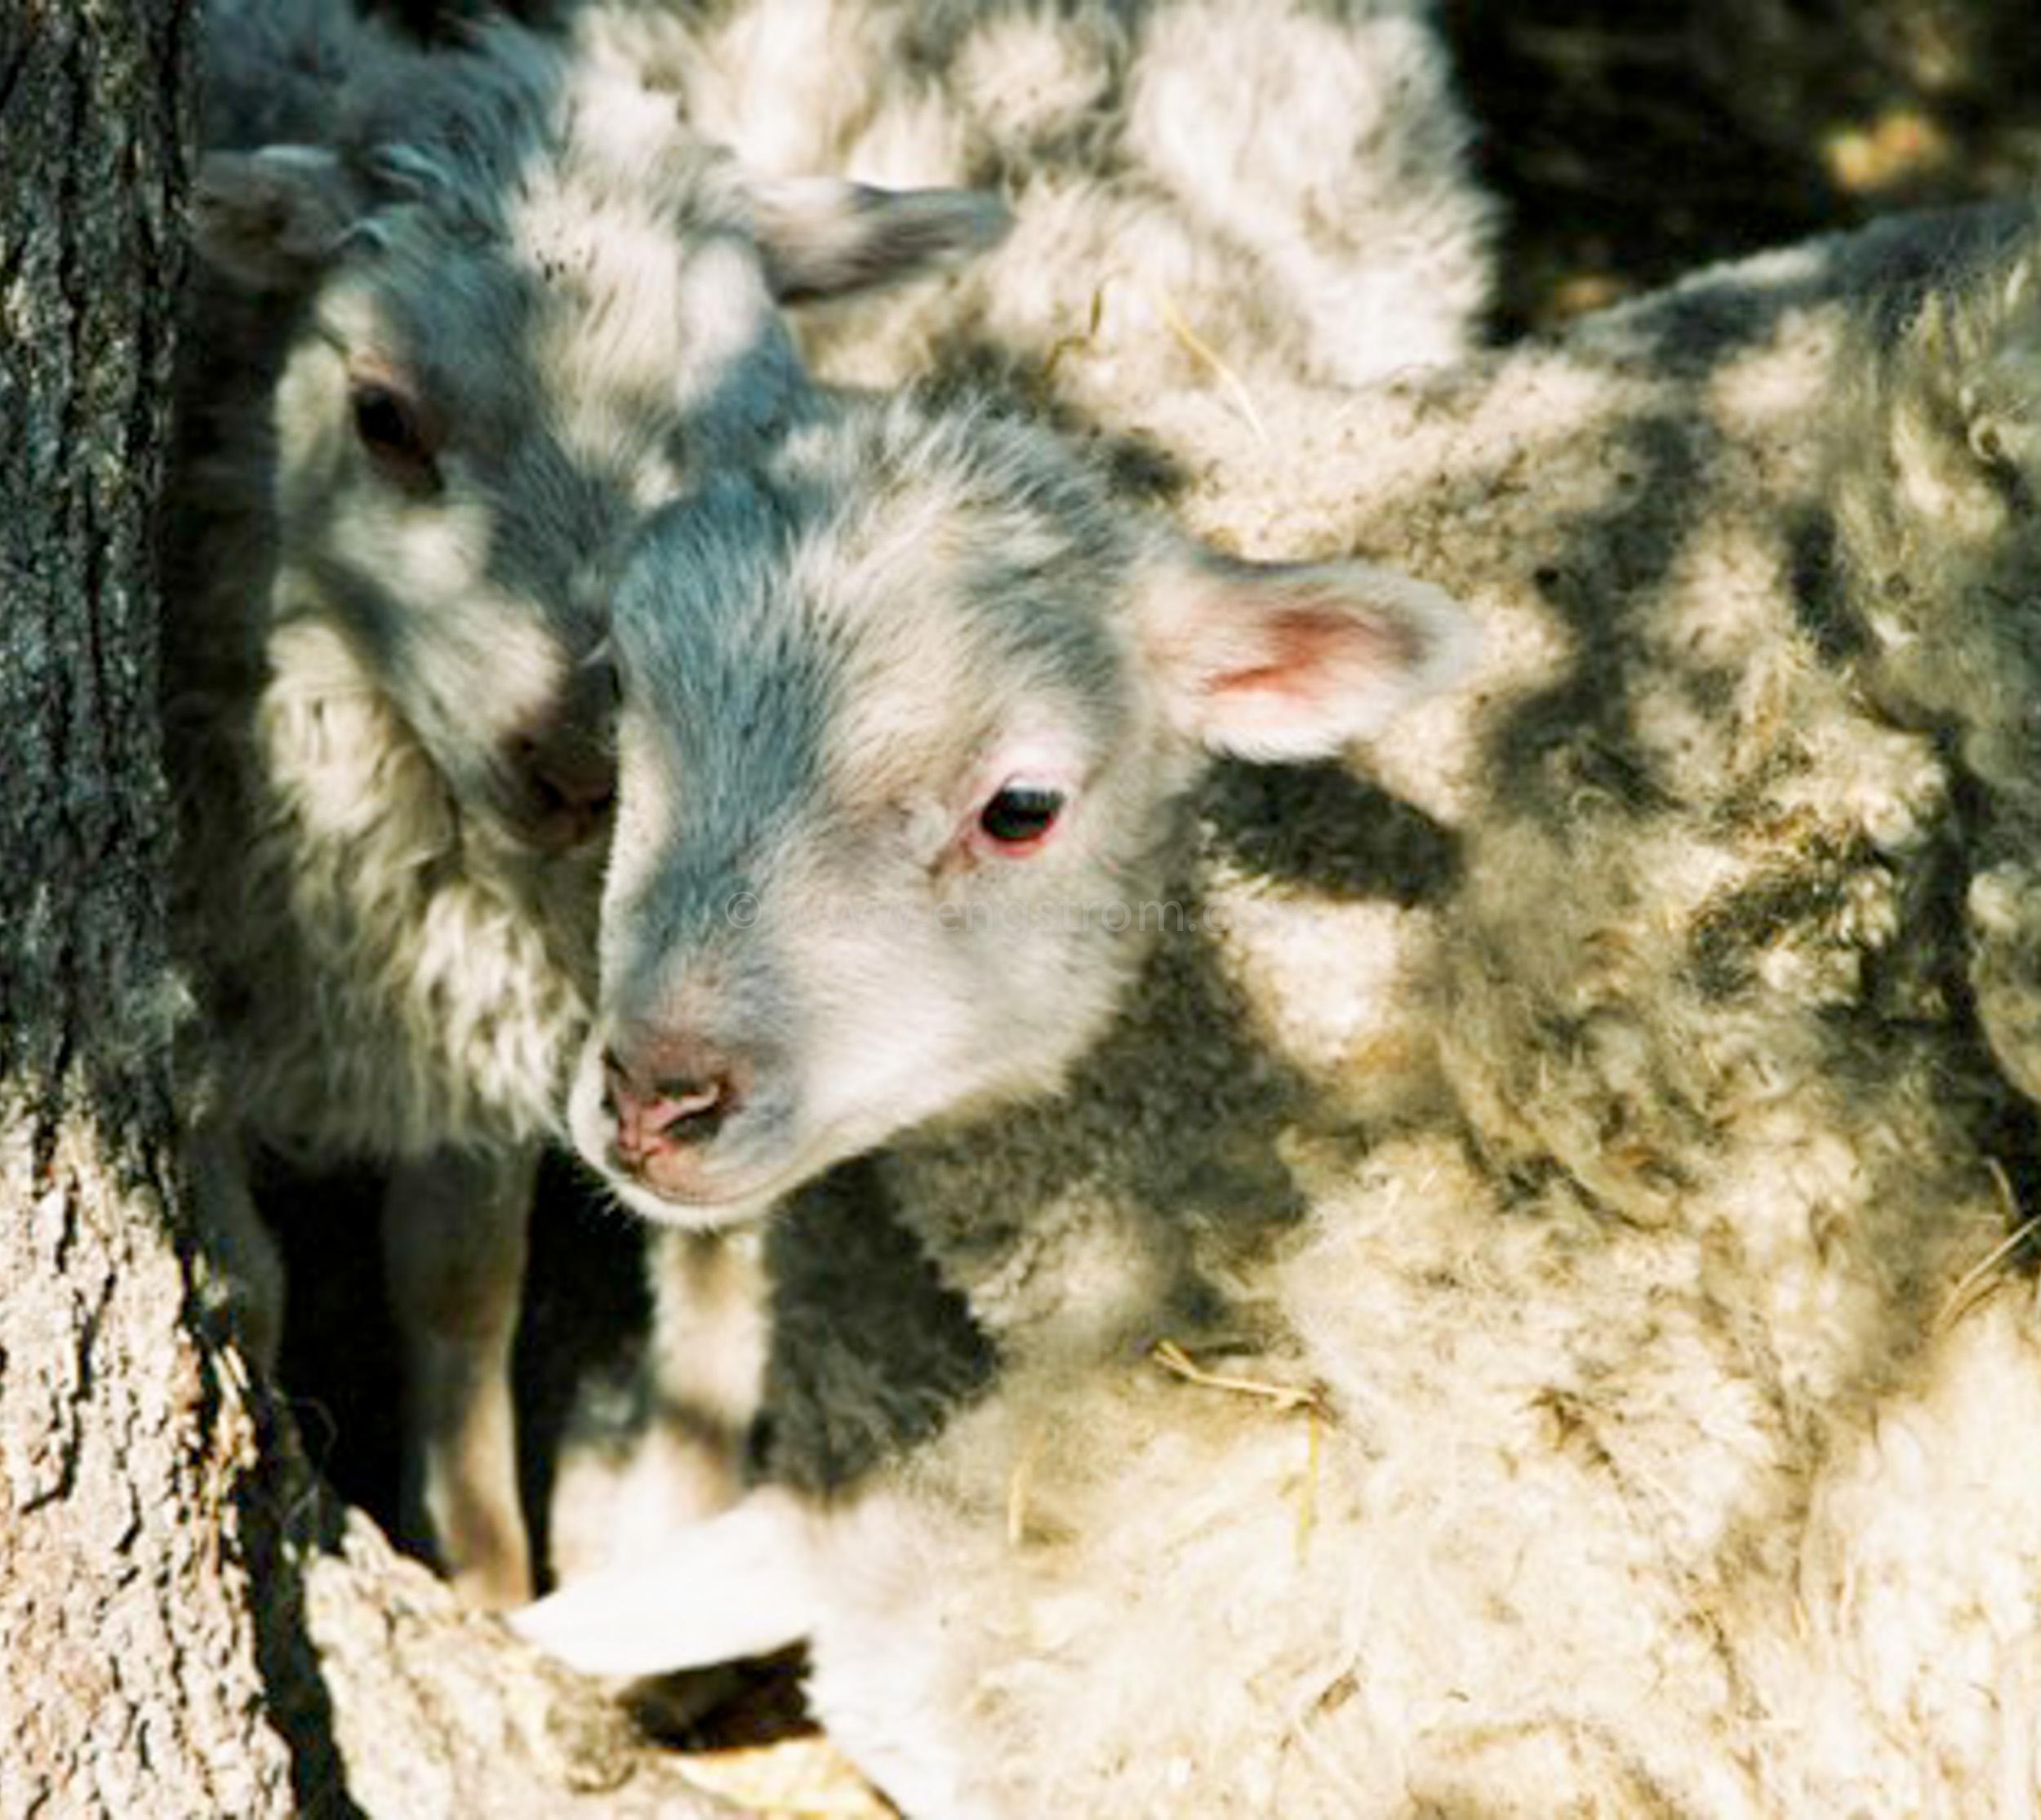 JE0405_26, Nyfödda lamm med tackor, Stocksbo våren 2004, Jonas Engström